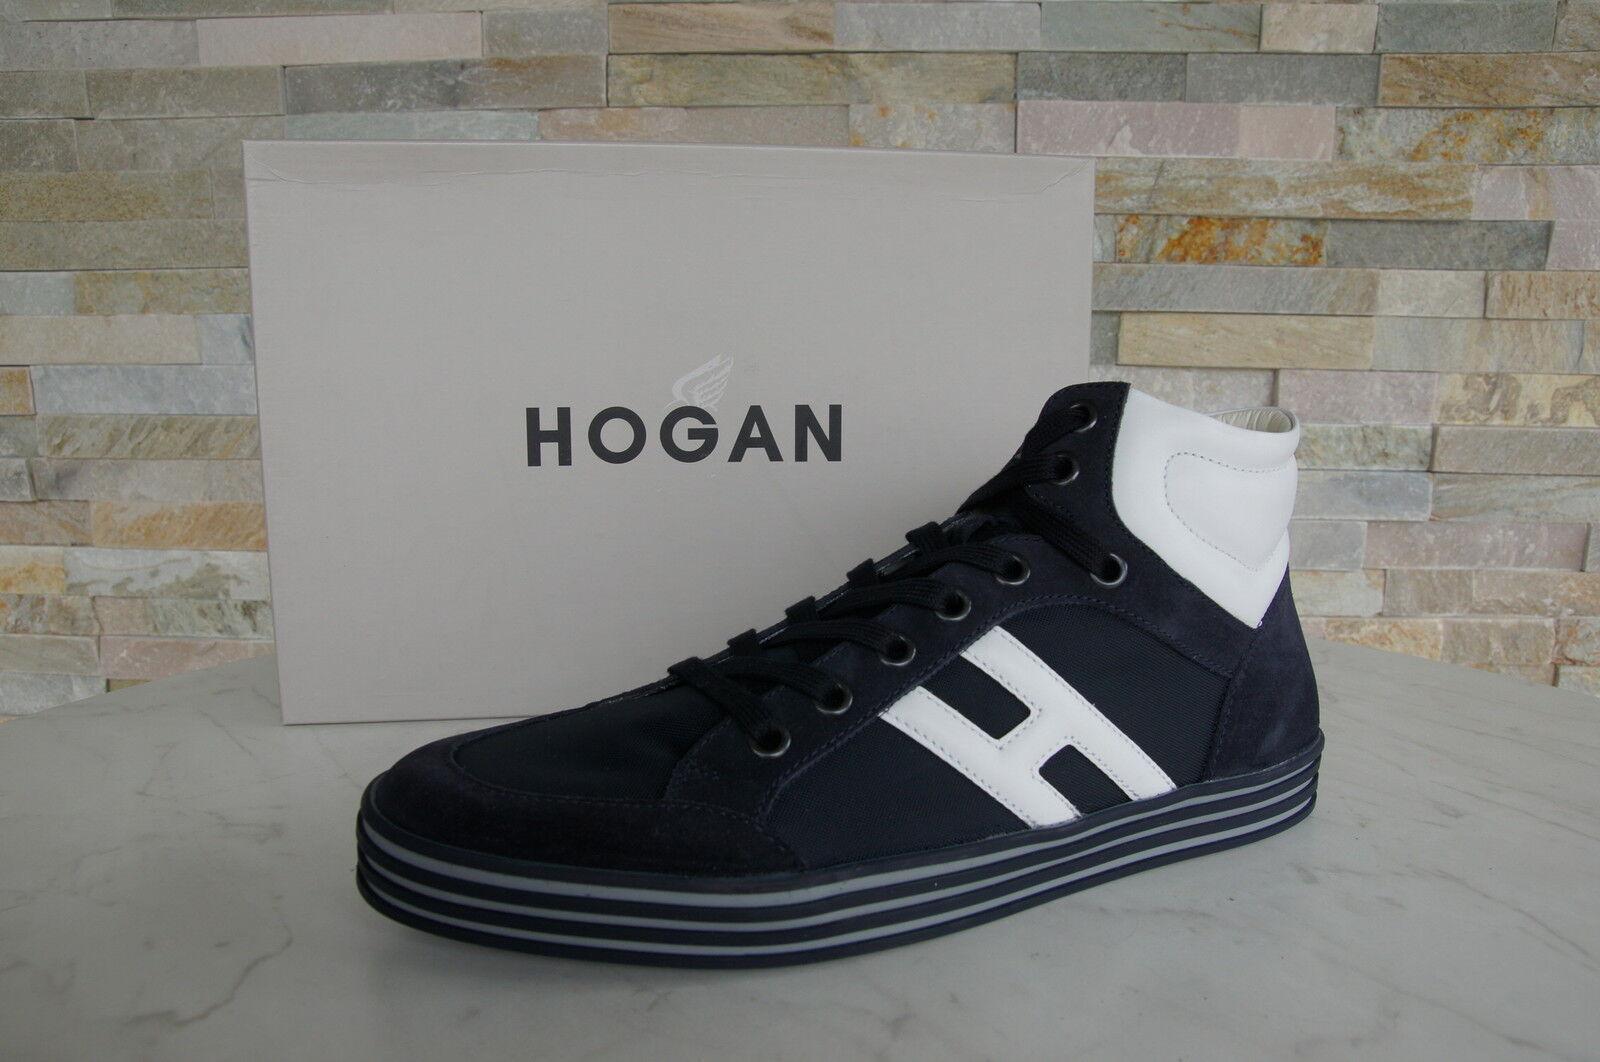 Hogan High-Top Zapatillas Zapatos de Cordones Zapatos Nuevo Antiguo